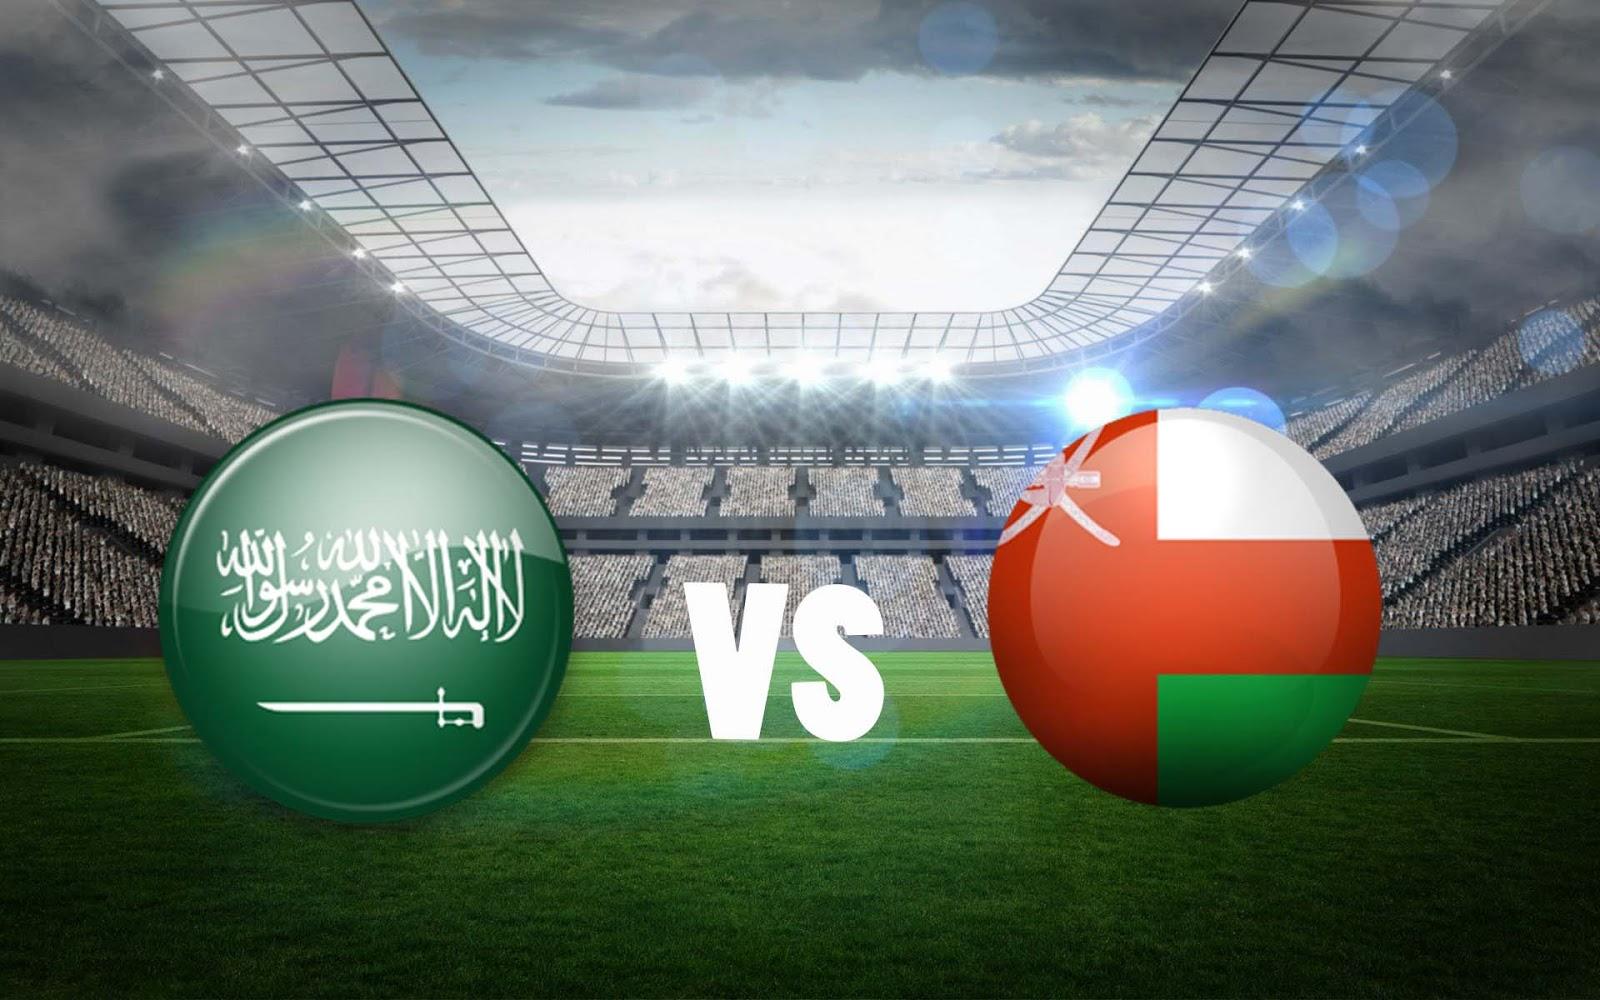 مشاهدة مباراة السعودية وعمان بث مباشر اليوم 2-12-2019 في كأس الخليج العربي